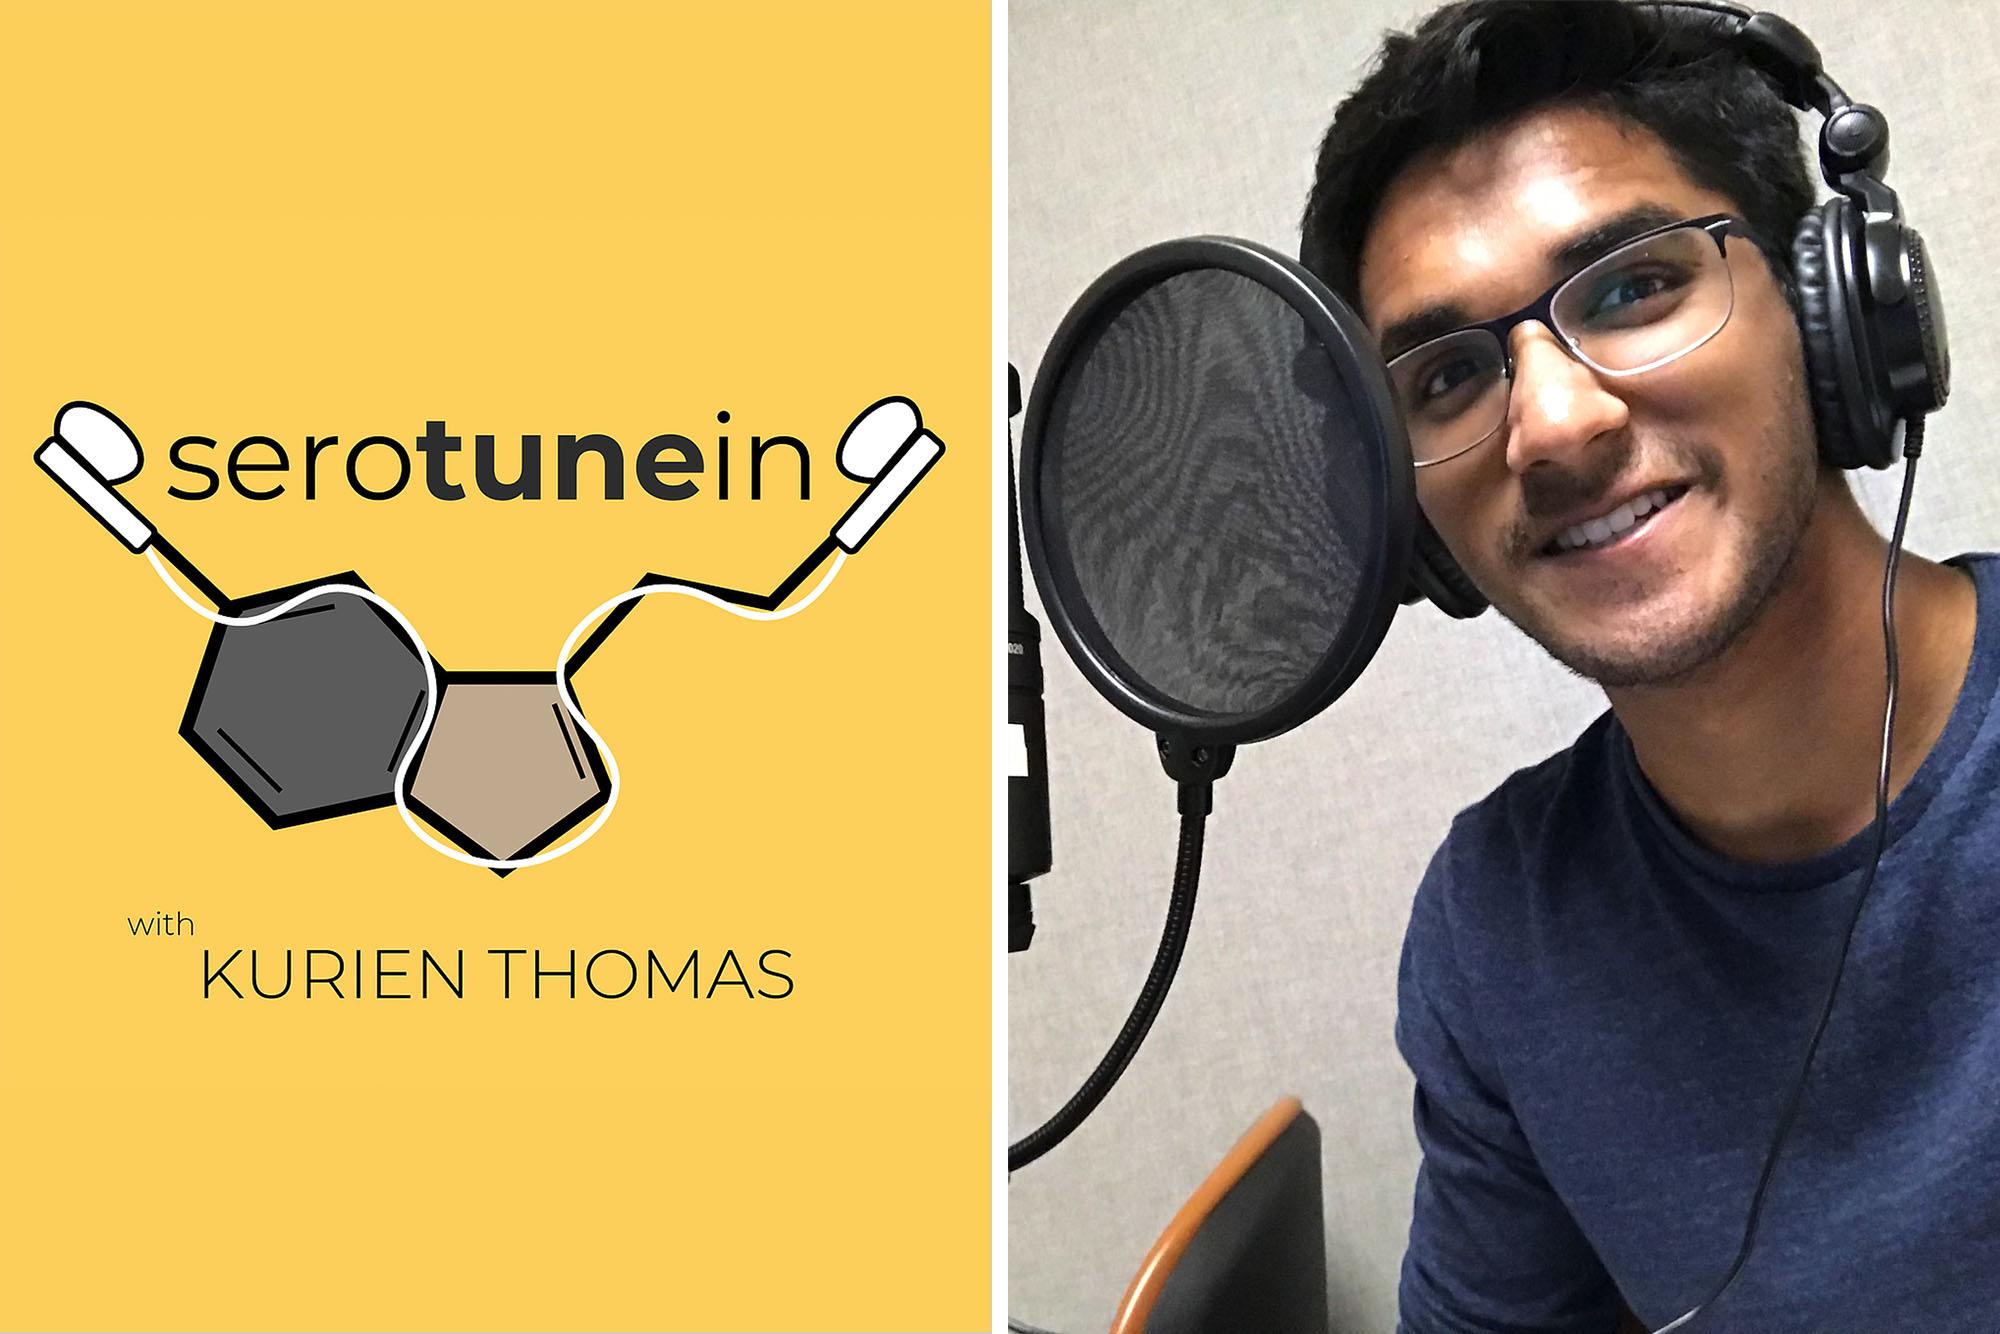 Serotunein with Kurien Thomas